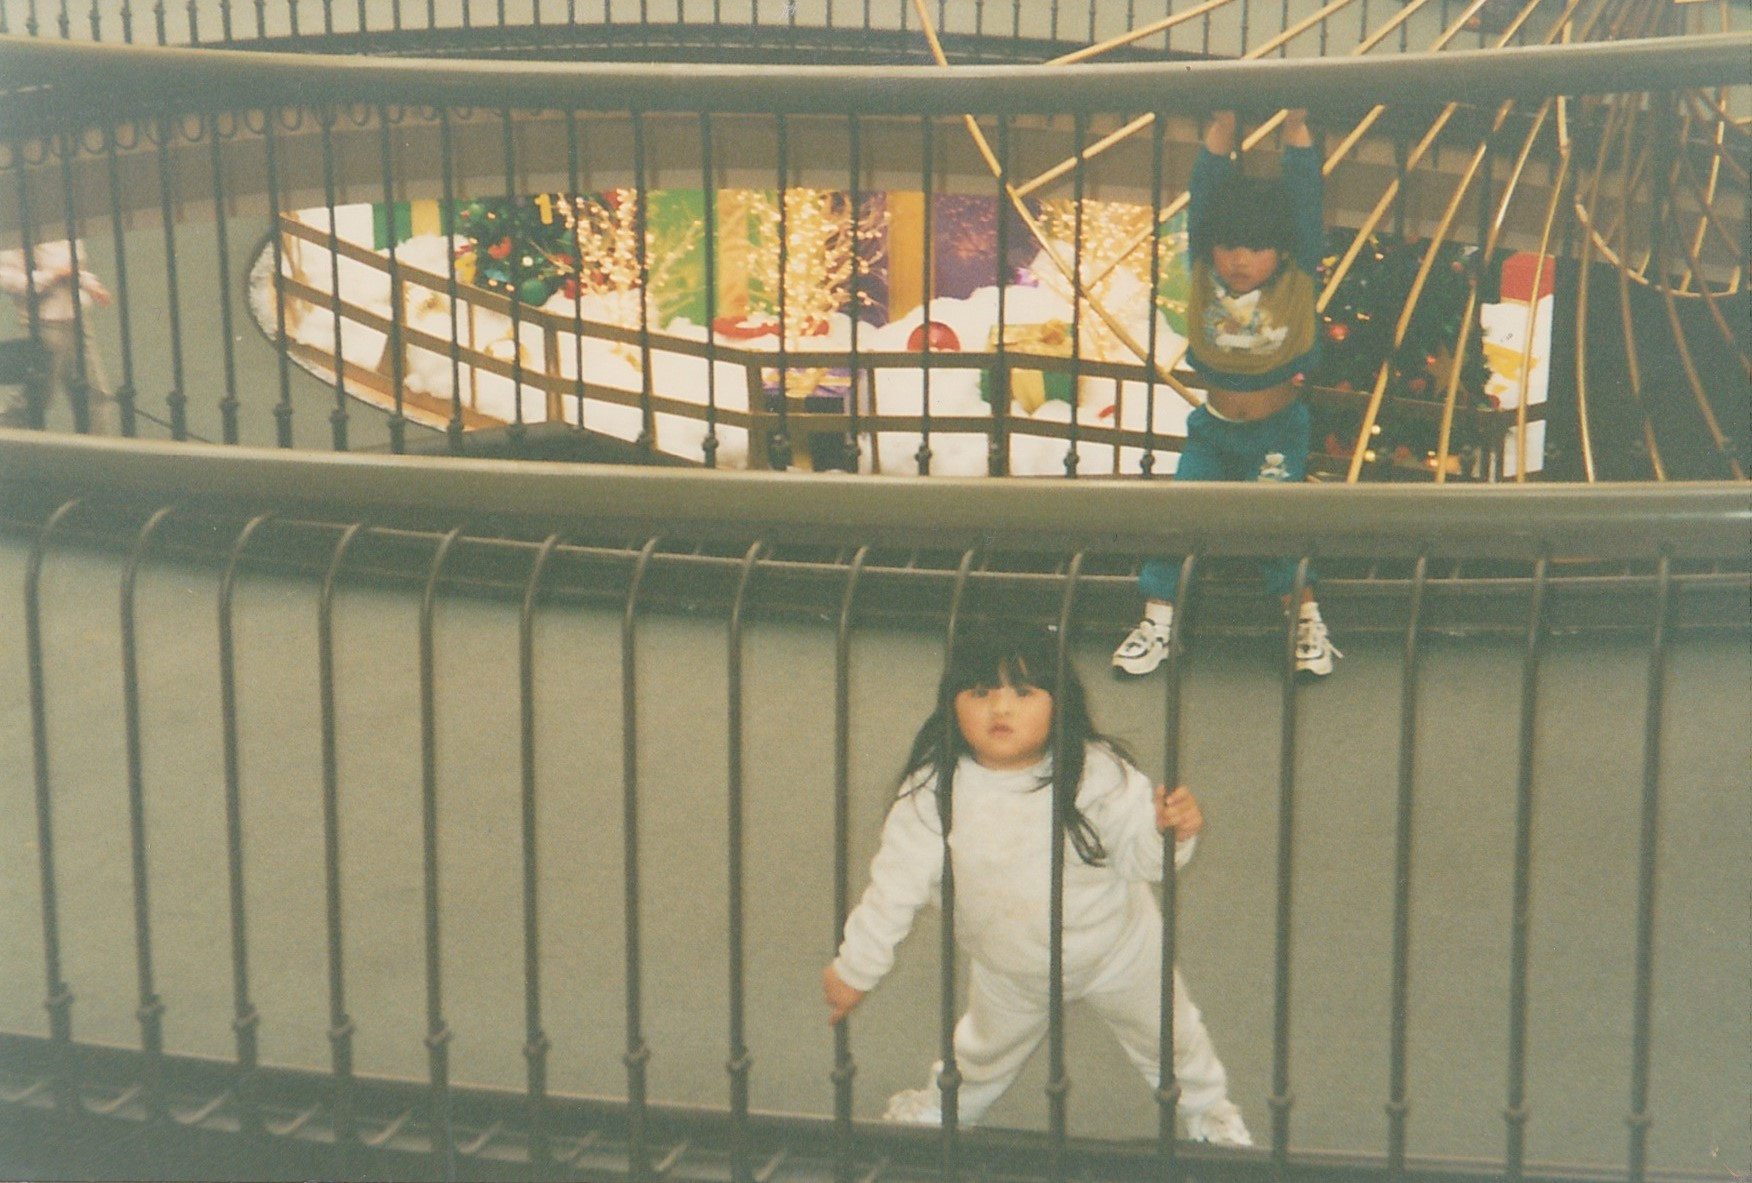 circa '96 - Location: Hilltop Mall/Richmond, CA